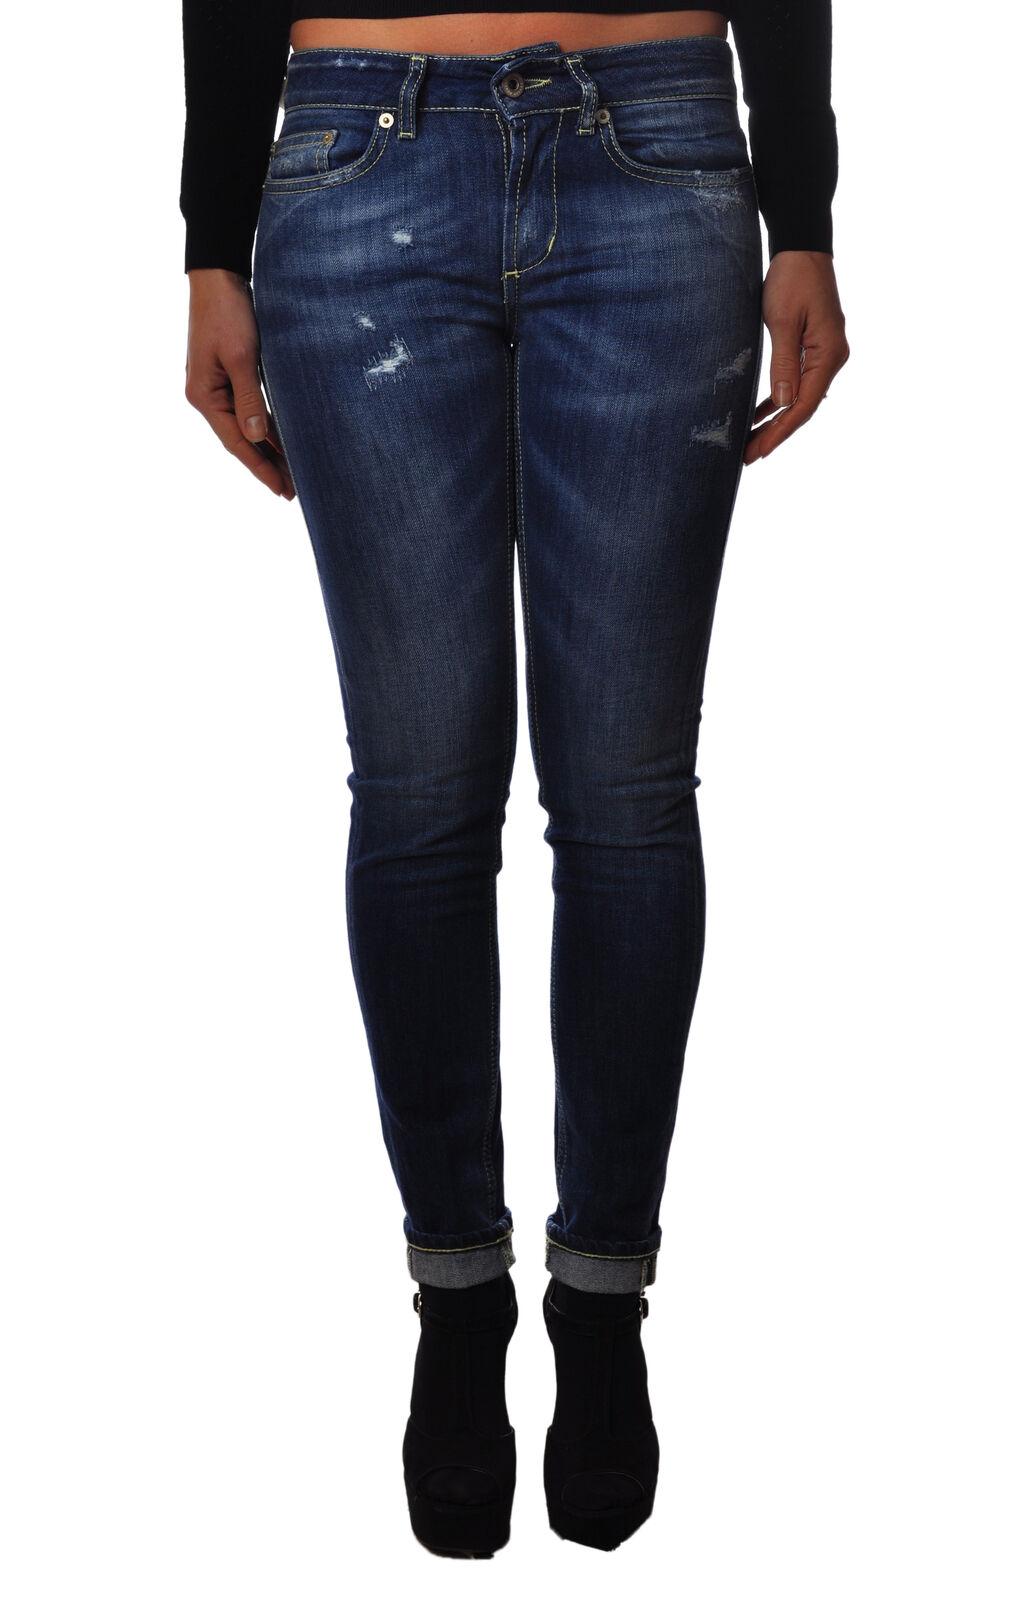 Dondup - Jeans-Pants-slim fit - Woman - Denim - 3107617C184610